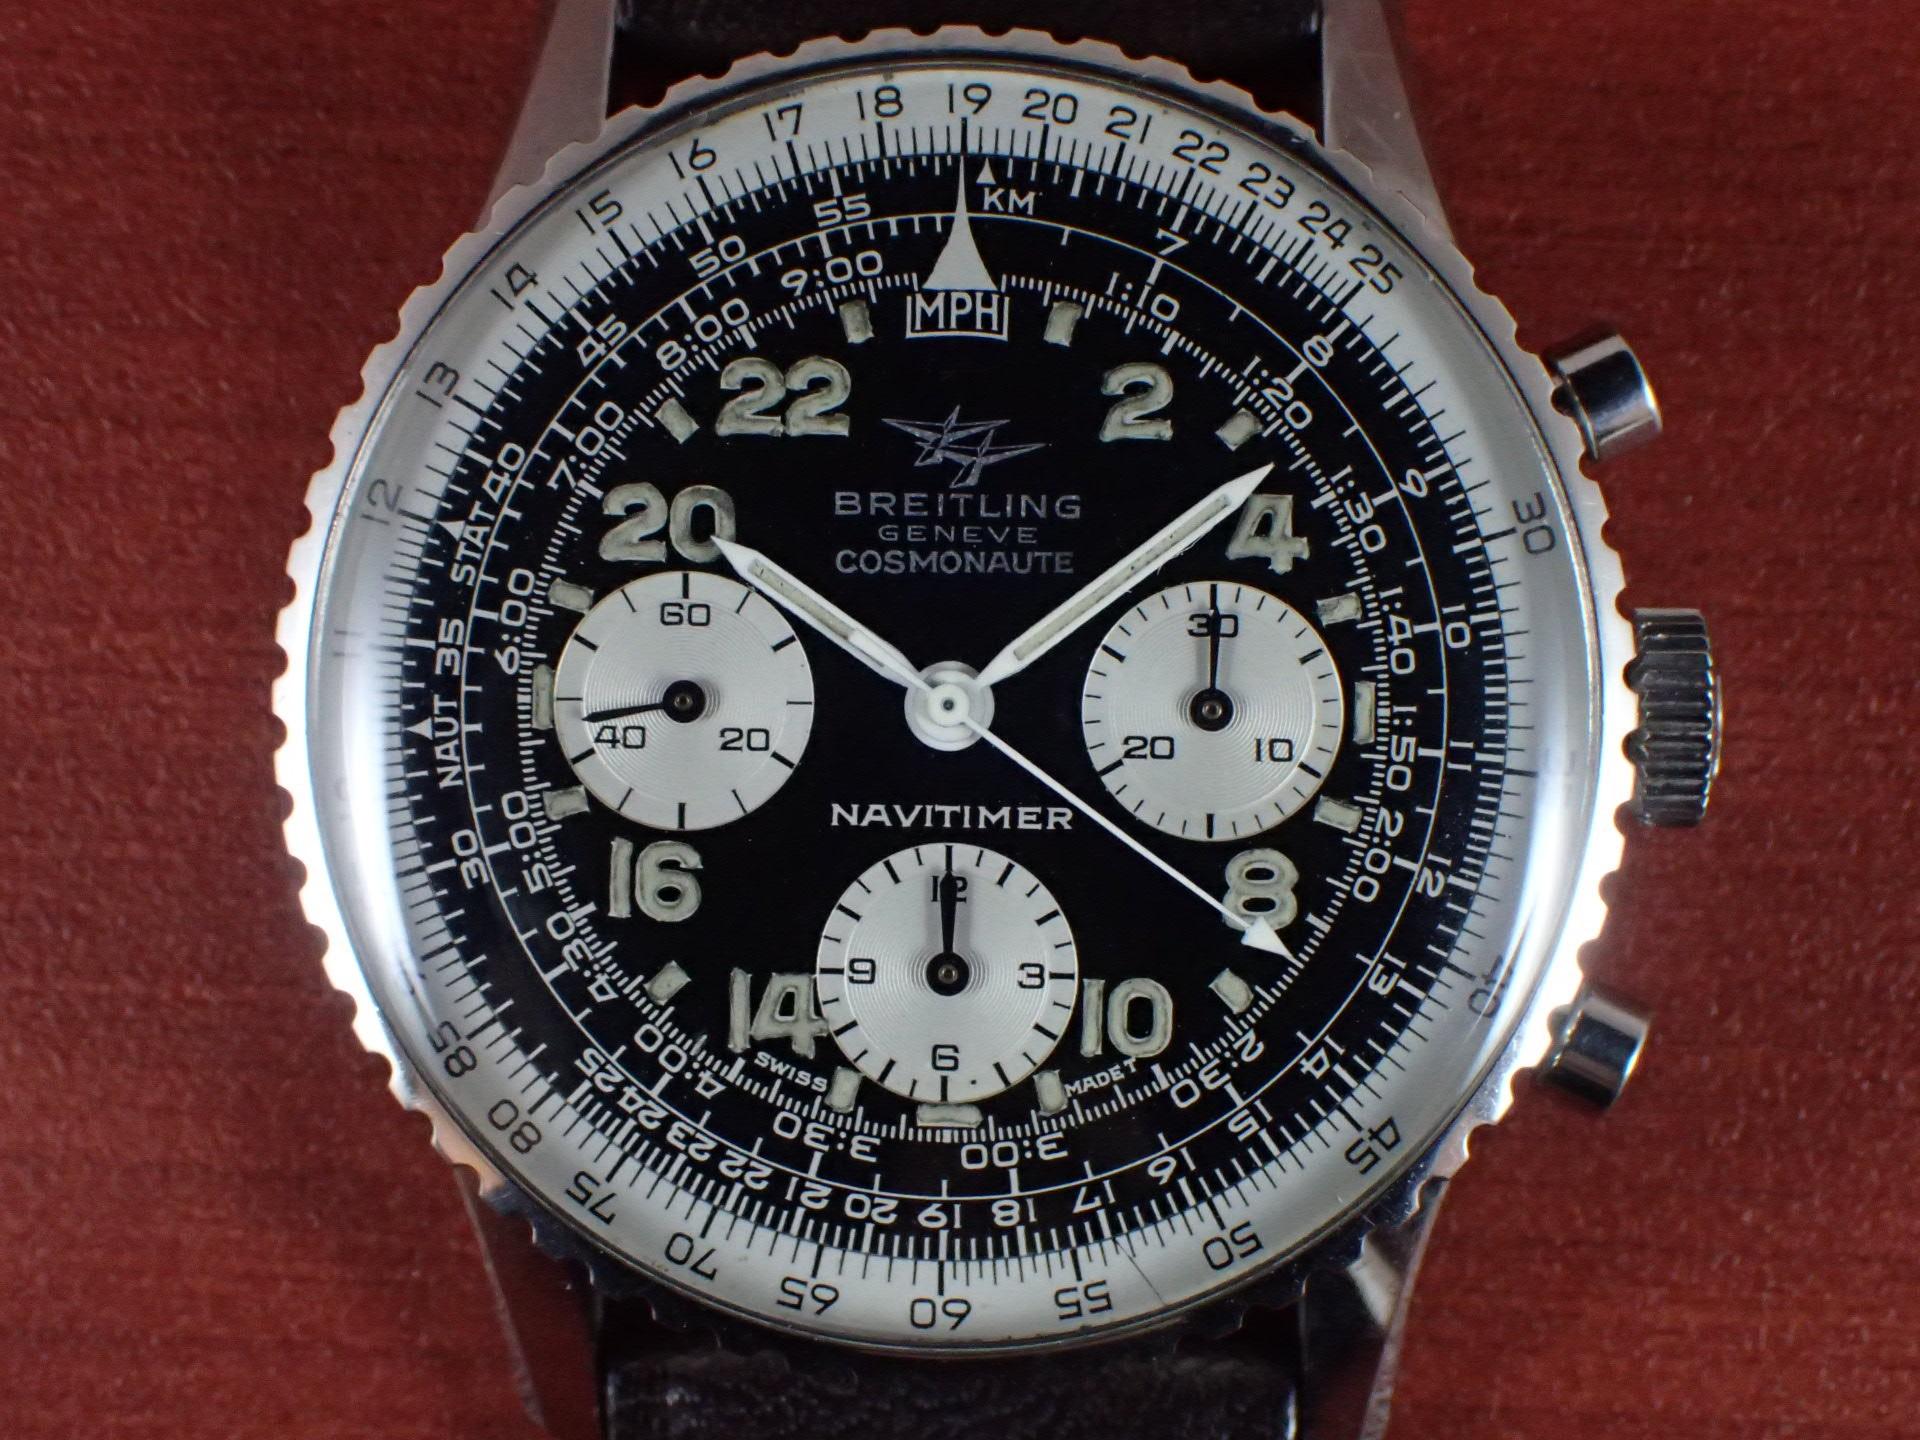 ブライトリング コスモノート ナビタイマー Ref.809 24時間時計 1960年代の写真2枚目